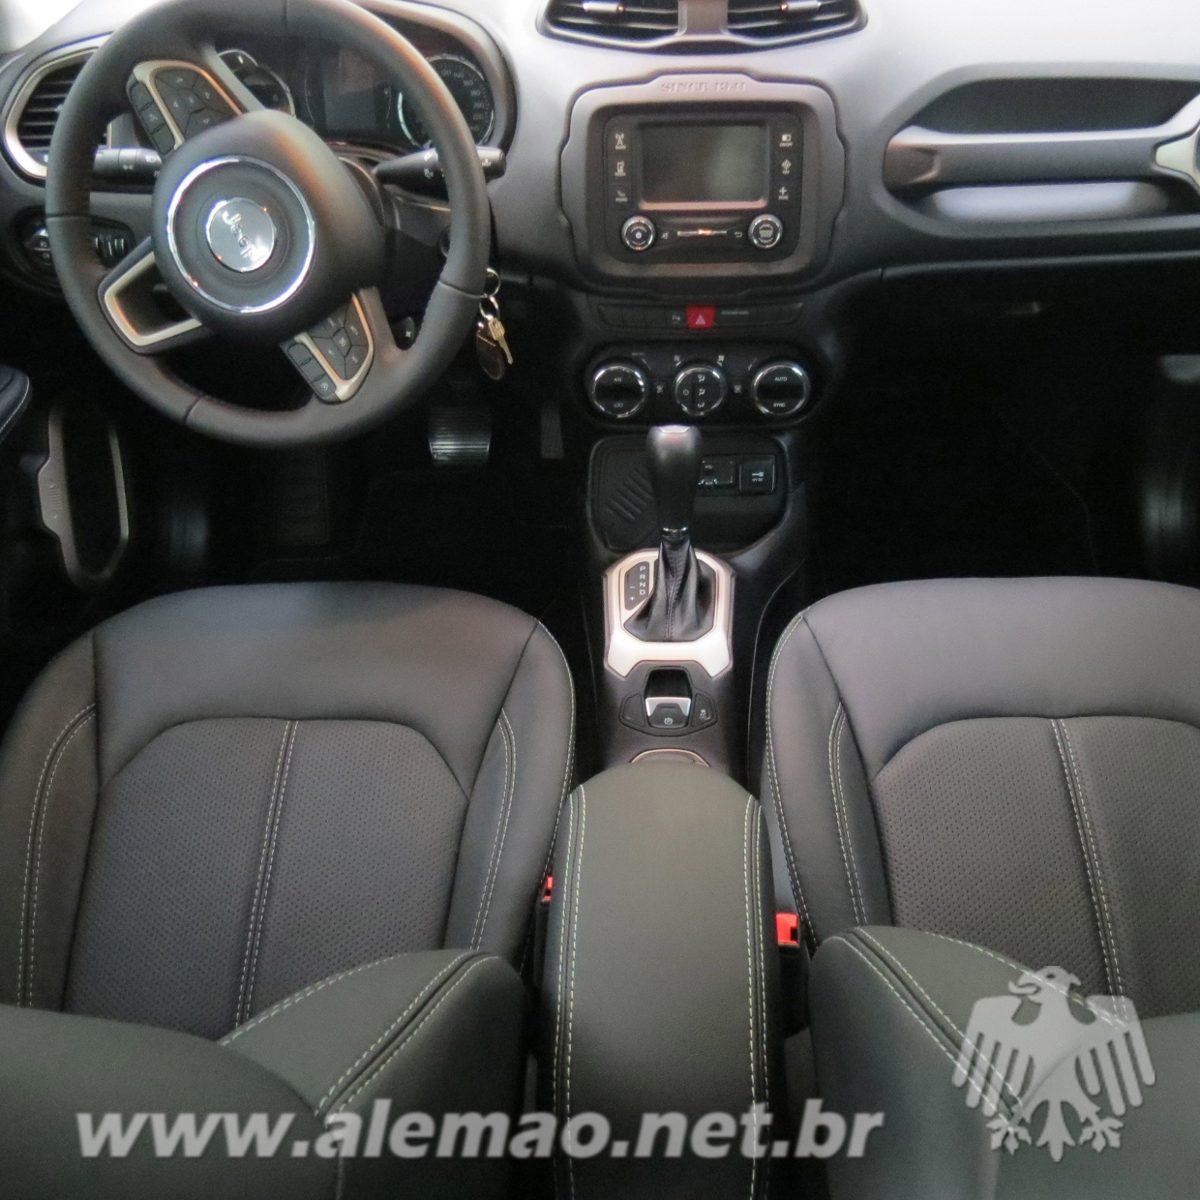 Kit revest 70 couro p jeep renegade pcd bancos e laterais r em mercado livre - Kit de interior ...